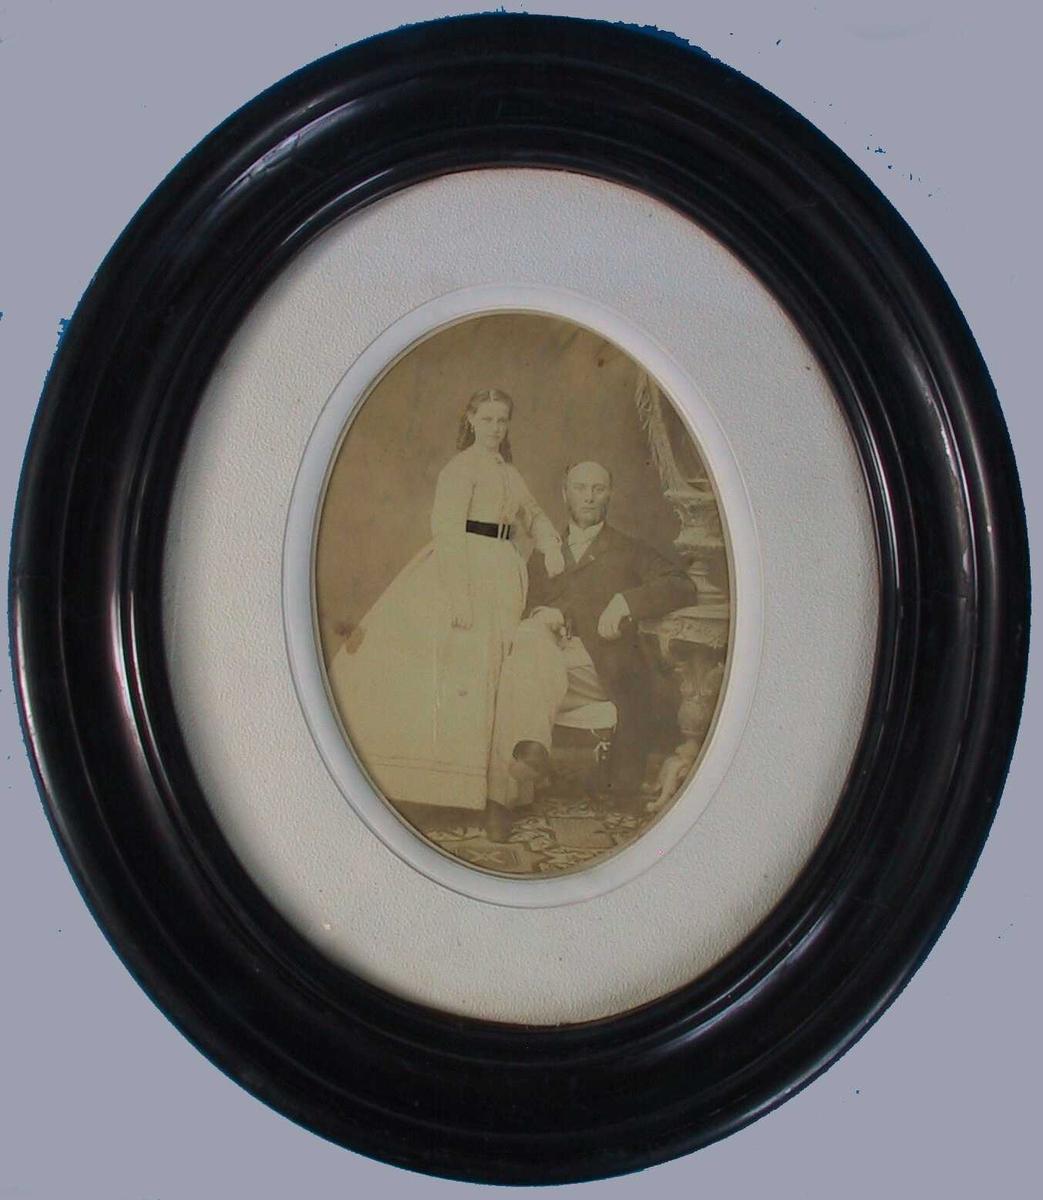 Portrett av Agathe og Johan Haemmerle,  Brudebilde 1866 (?).  Portrett av en  ung stående kvinne tv. , høyrevendt, i hvit kjole mdd sort belte. Kjolen er forknappet med en brosje i halsen, lange ermer, vidt skjørt med to den ene arm mot mannens skulder.  Mannen sitter med det ene ben over det annet, mørk frakk og vest, lyse benklær.  Stol med varetrekk, lener h. arm til utskåret konsoll i bord i nyrokokko med en urne på. Mønstret teppe